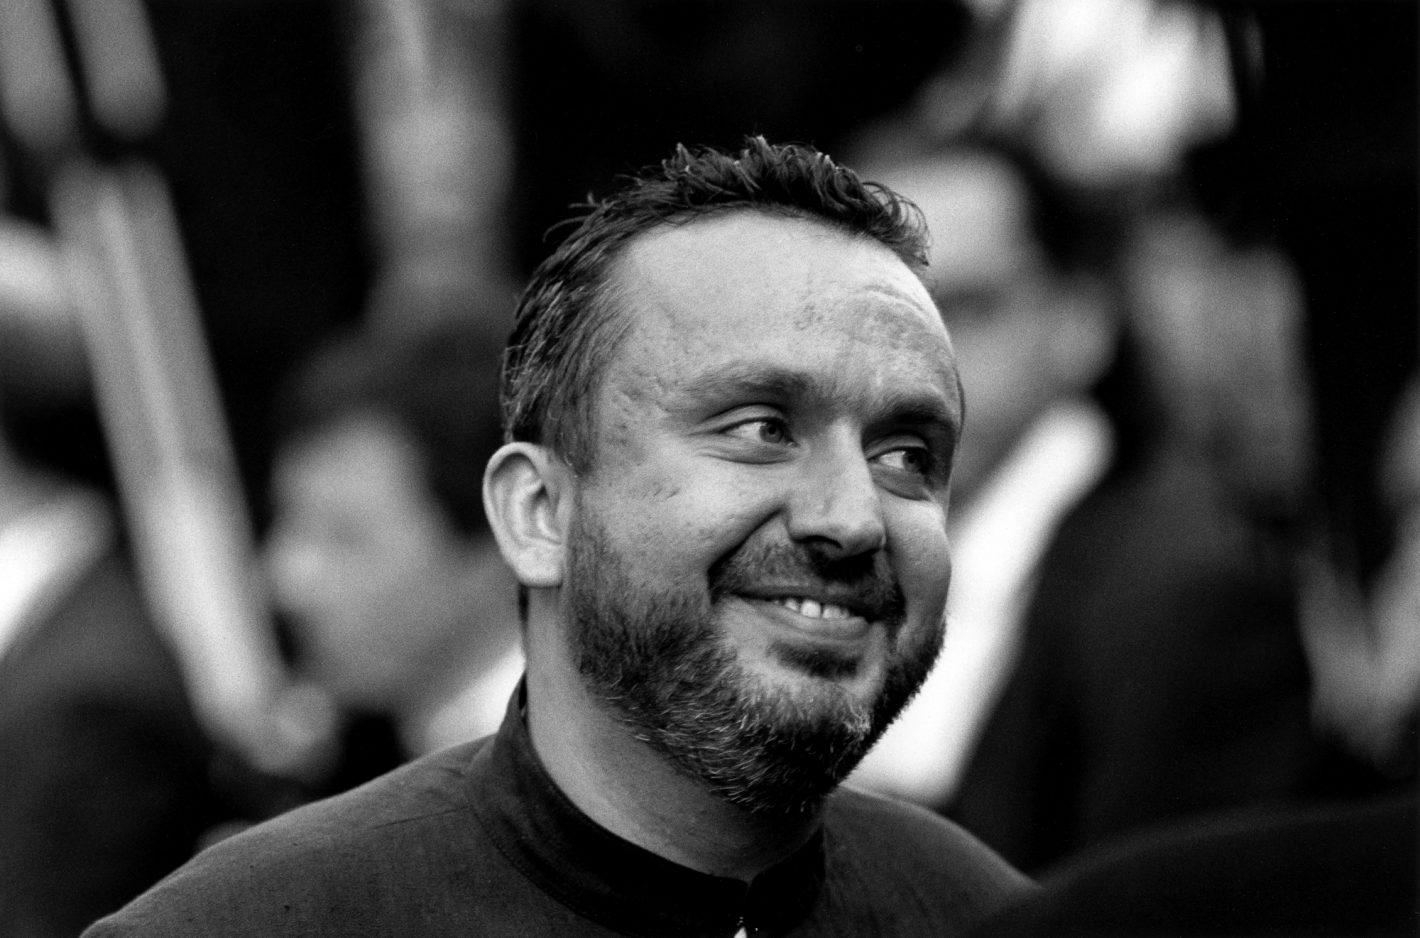 Stéphane Kossmann Dominique Farrugia Nikon Cannes